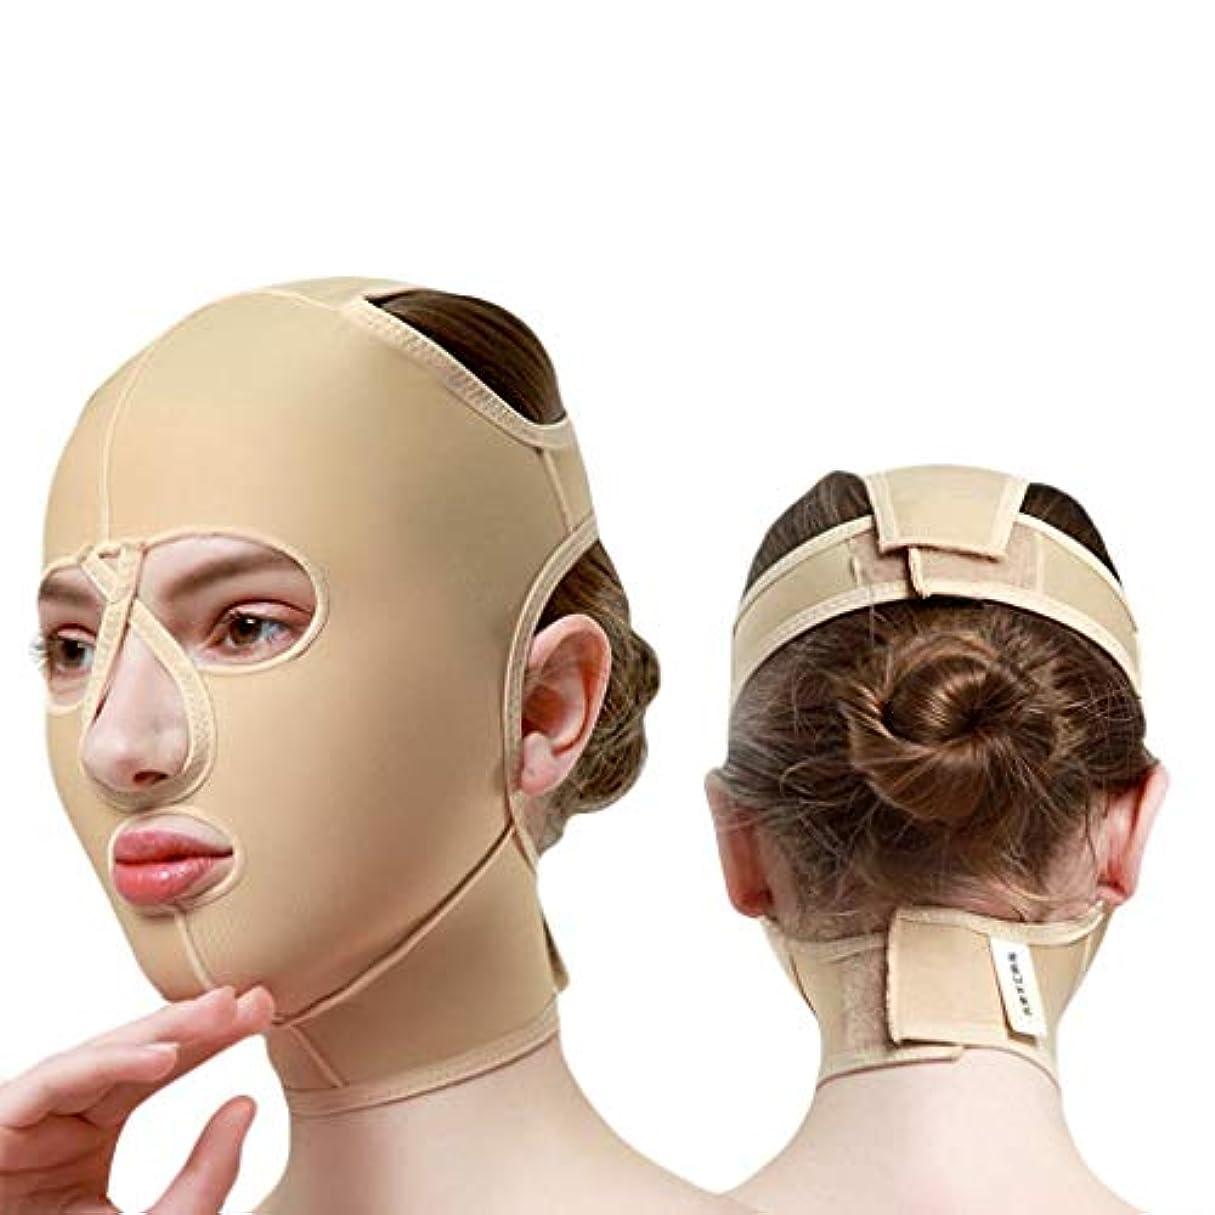 扱う現金遺産チンストラップ、顔彫りツール、リフティングマスク、ダブルチンリデューサー、フェイスリフティングエラスティックマスクメス(サイズ:M),L